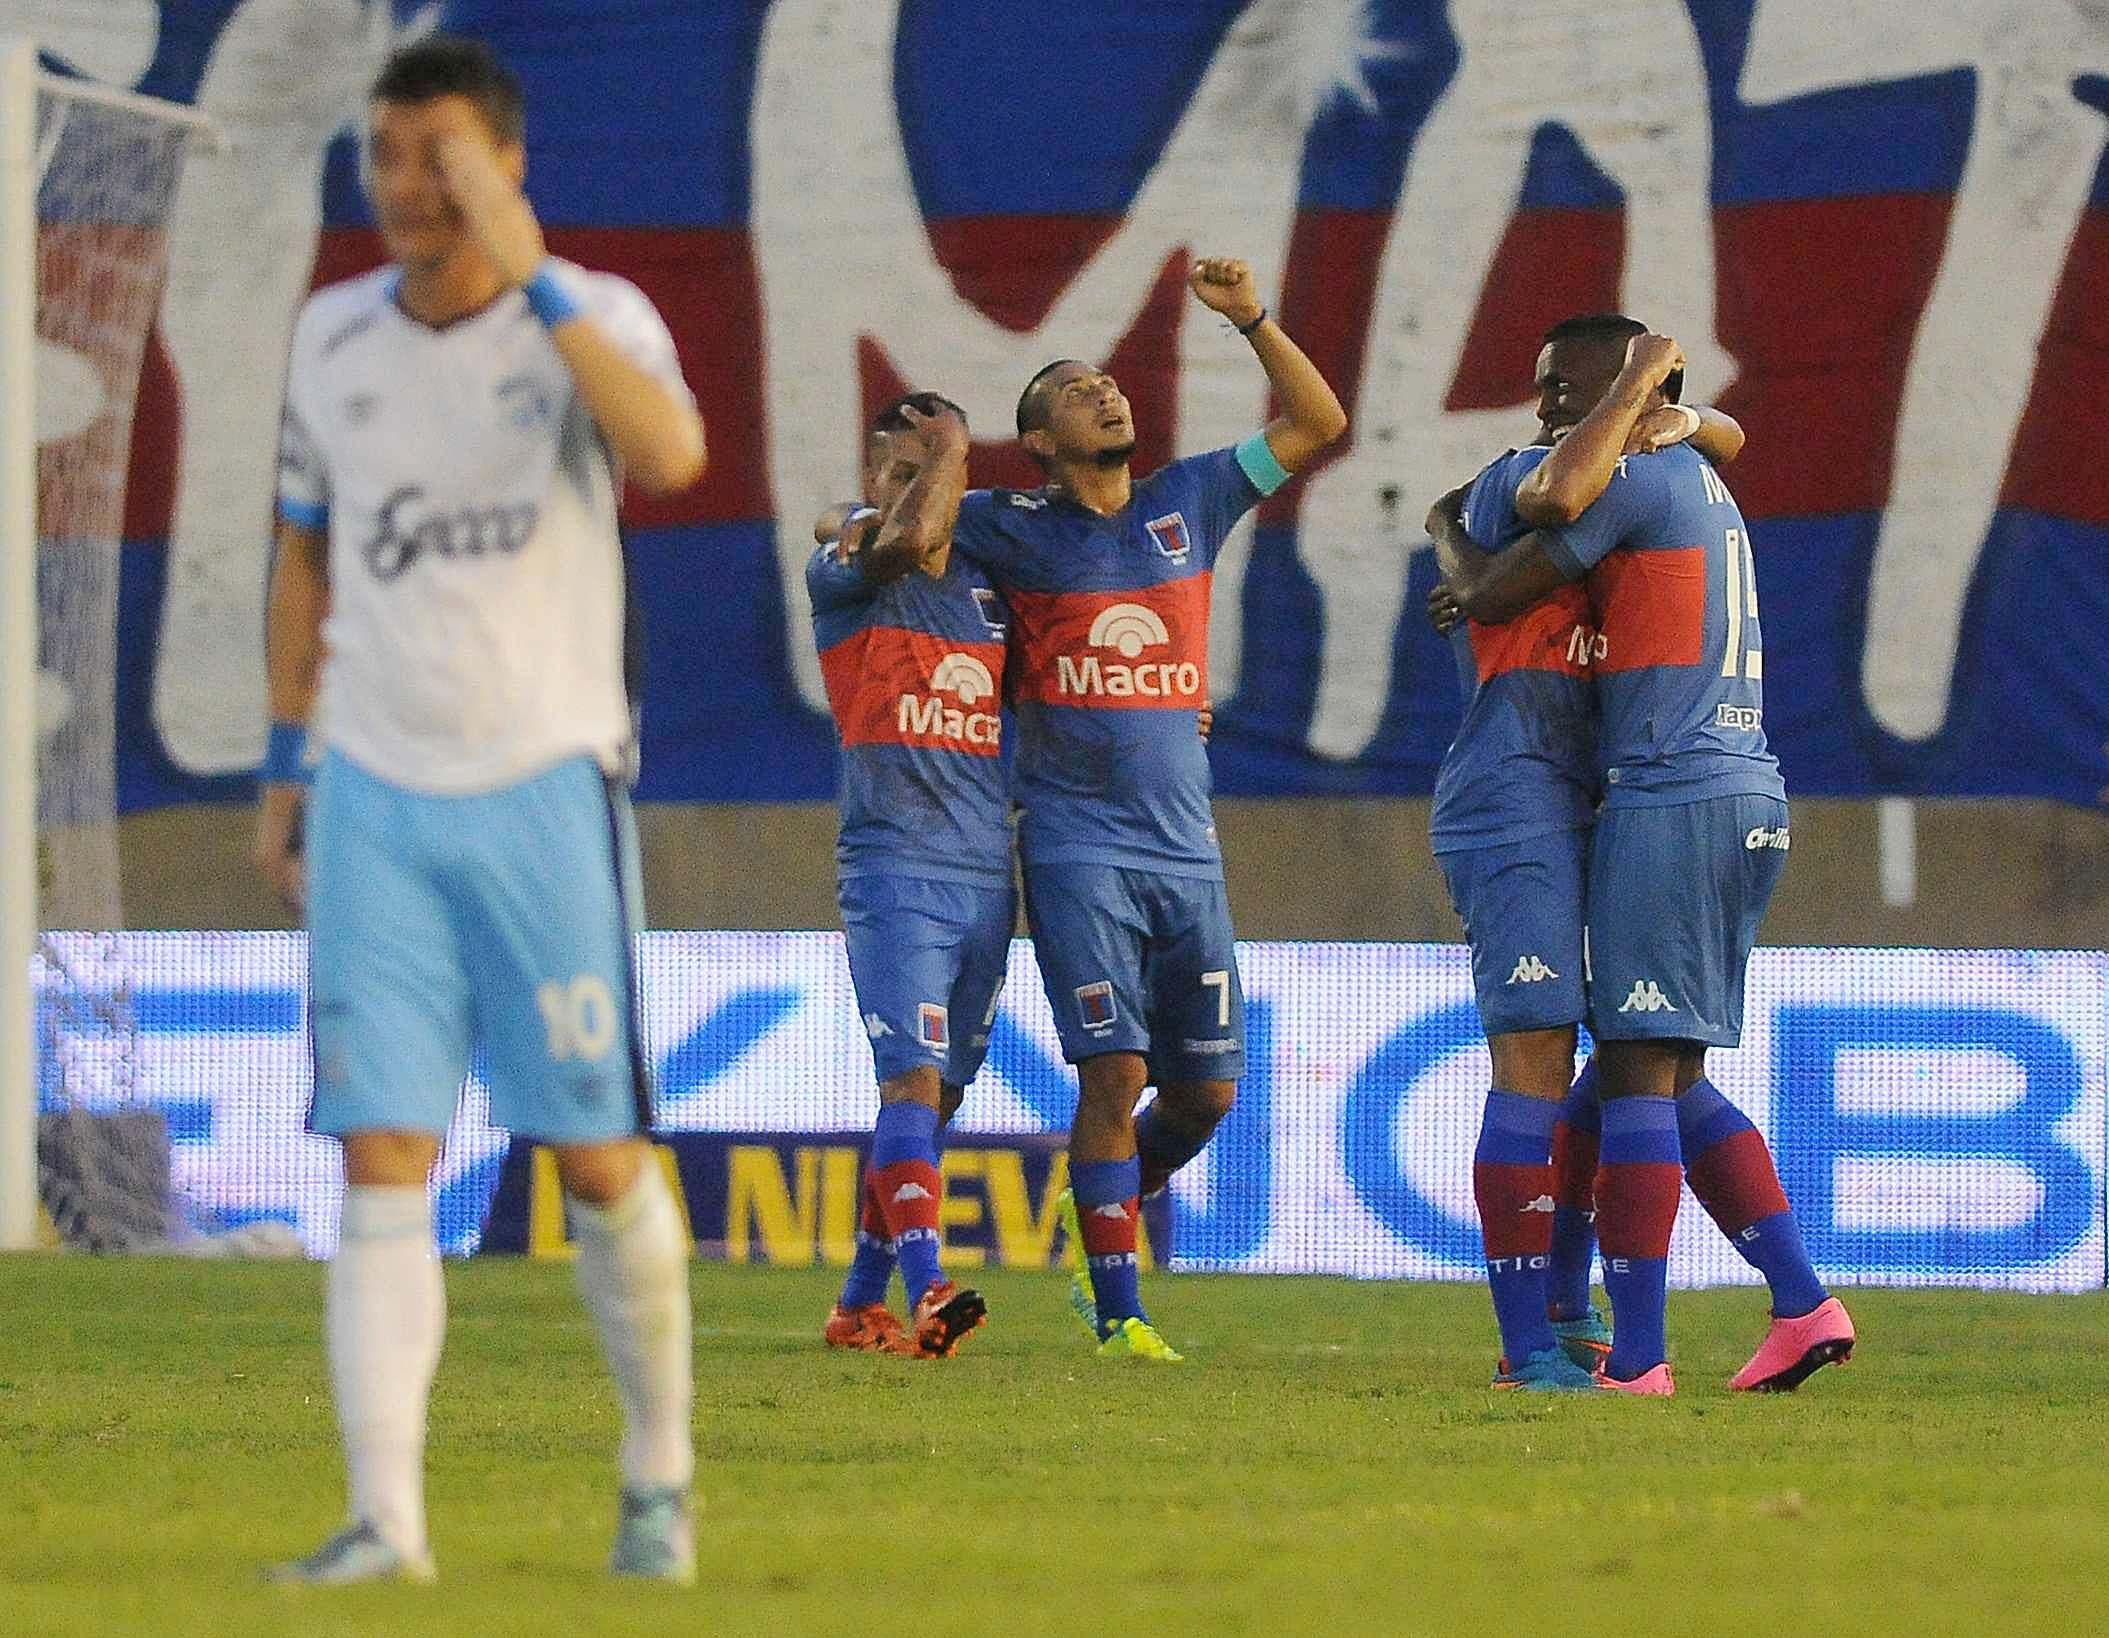 Mirá el show de goles completo de la fecha 6 del fútbol argentino